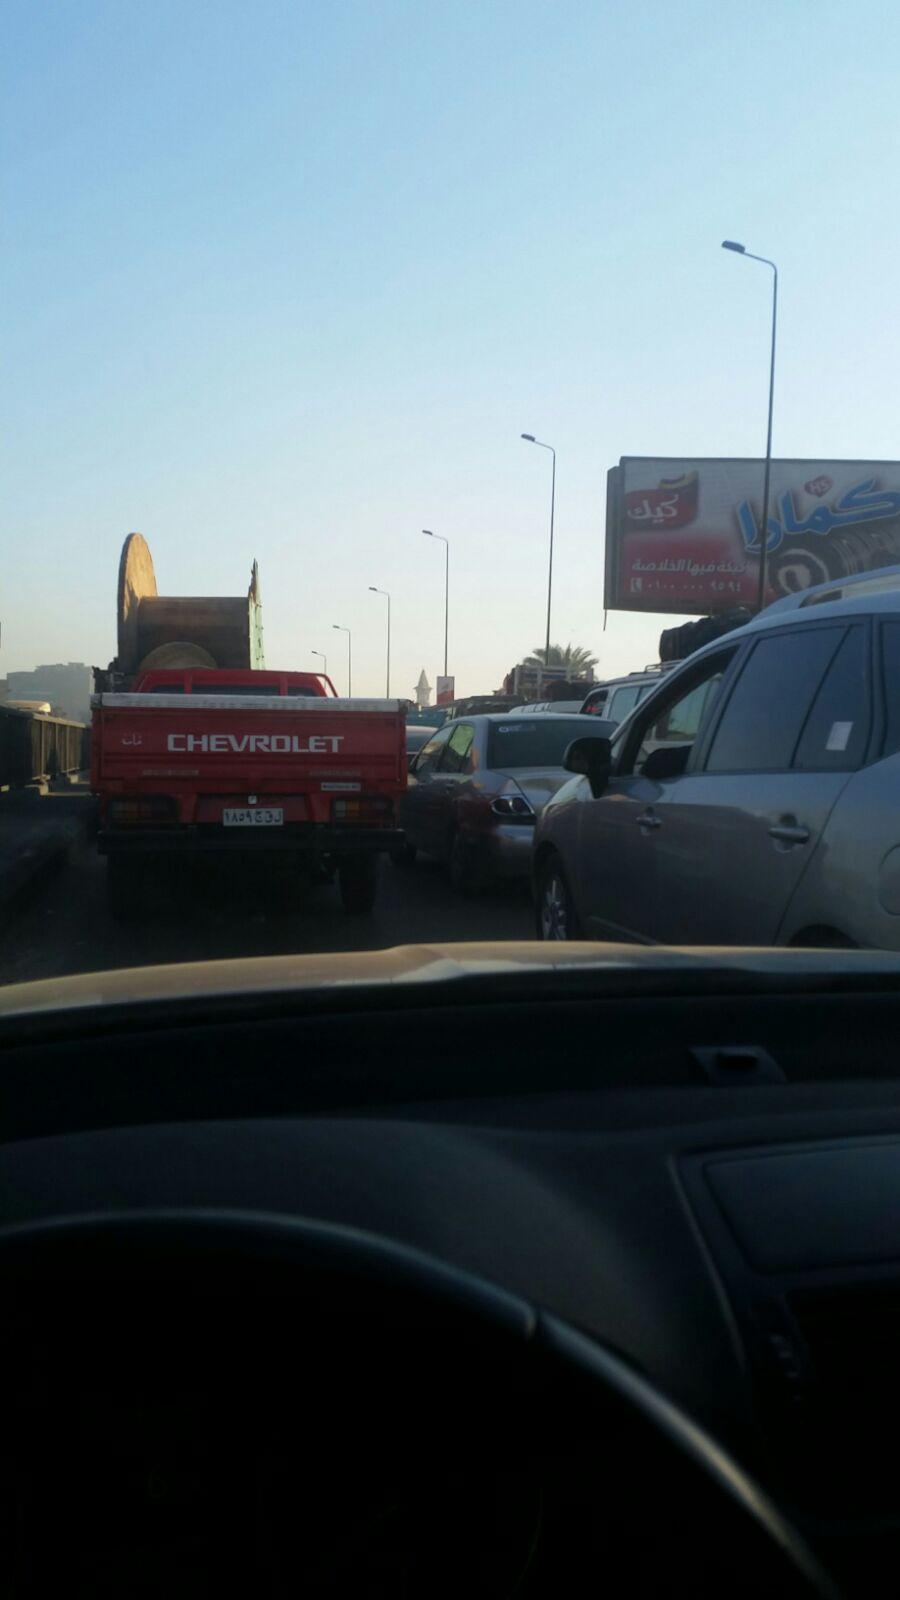 زحام مروري شديد في اتجاه القاهرة على طريق مصر ـ الإسكندرية الزراعي